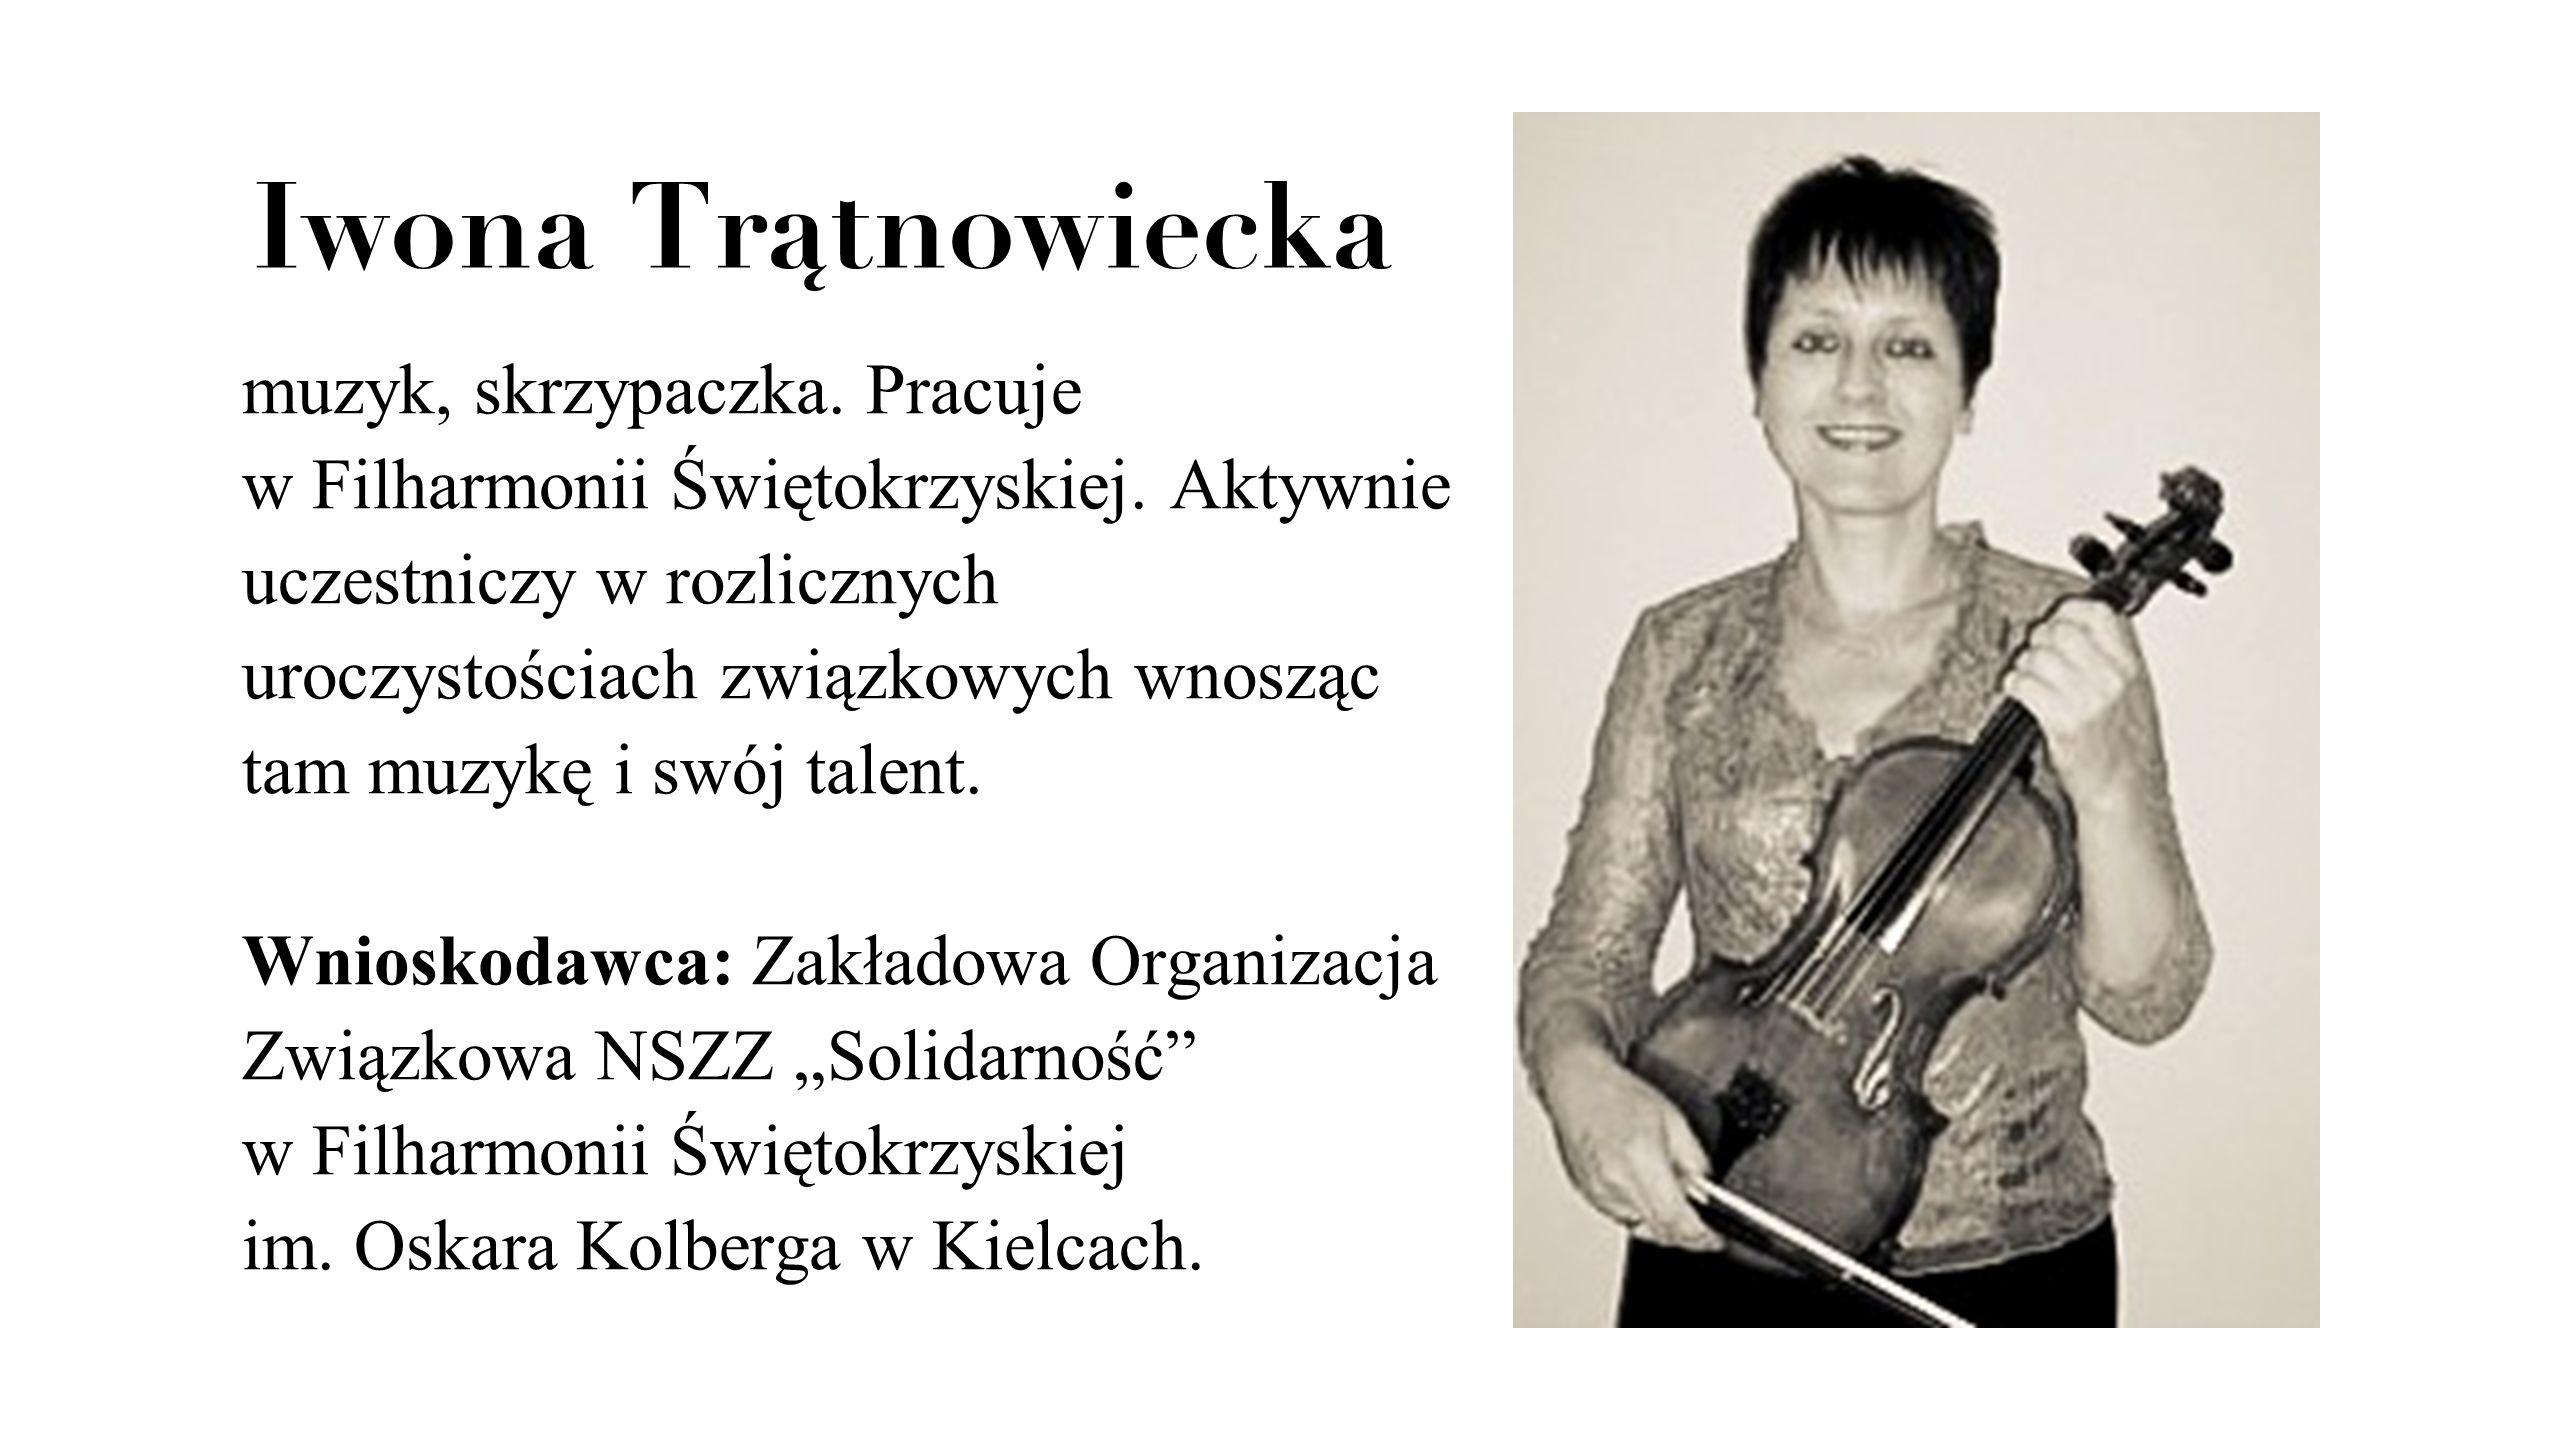 Iwona Trątnowiecka muzyk, skrzypaczka. Pracuje w Filharmonii Świętokrzyskiej. Aktywnie uczestniczy w rozlicznych uroczystościach związkowych wnosząc t